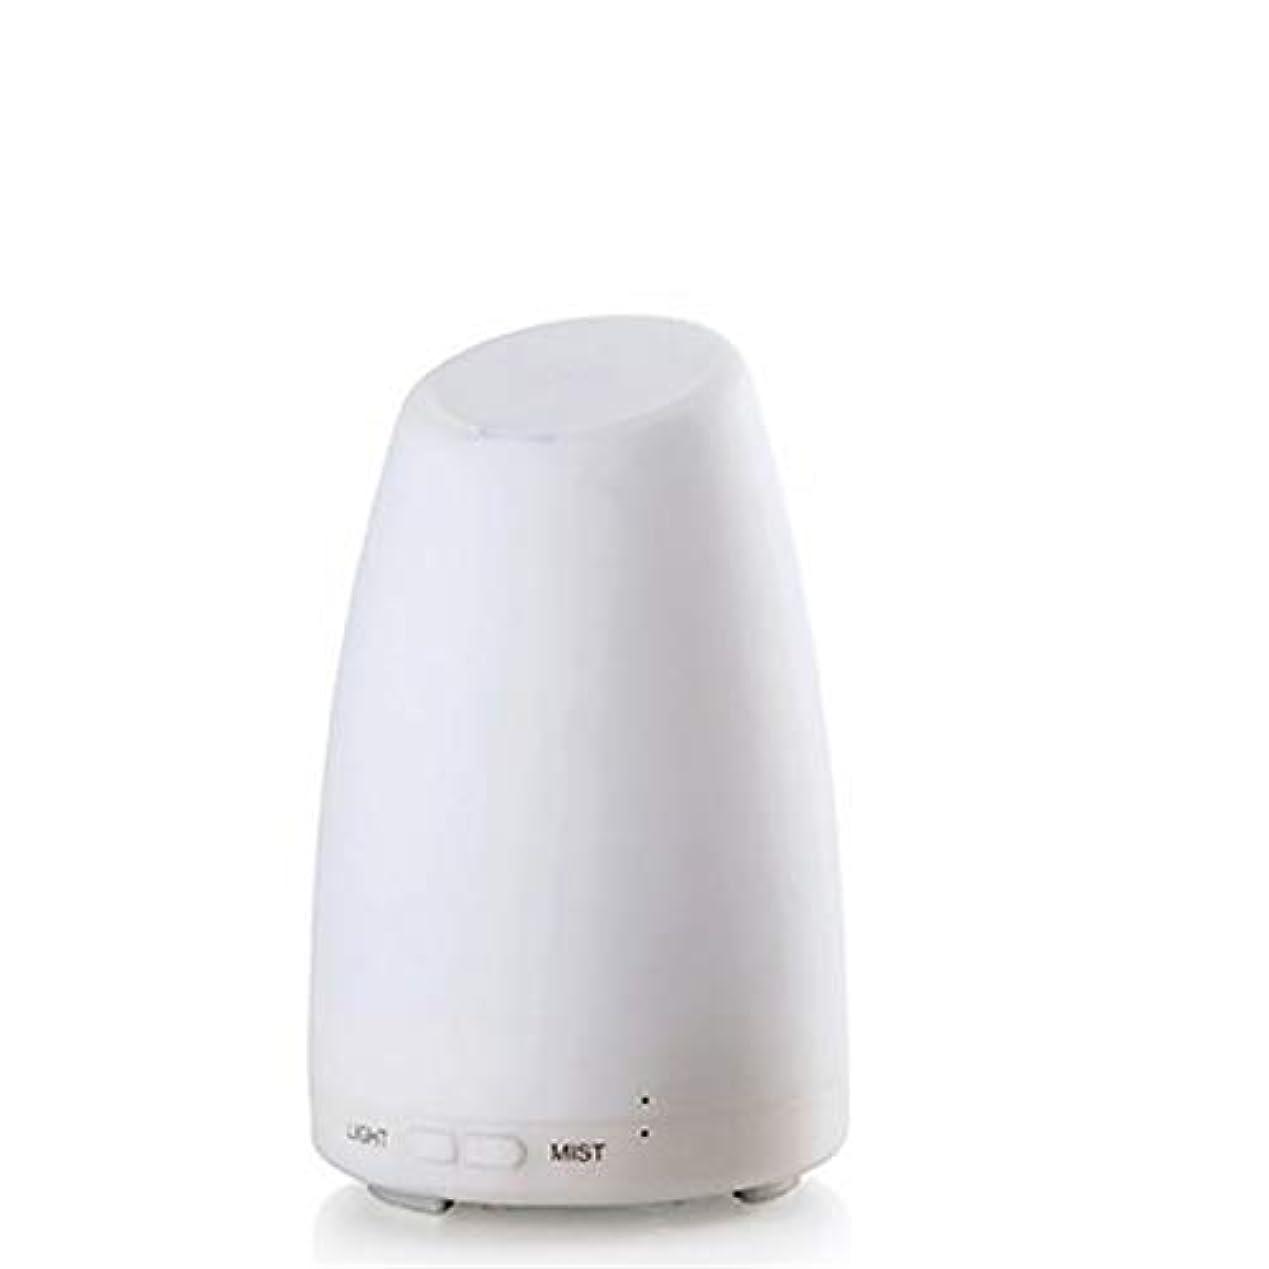 誇張情熱給料エッセンシャルオイルディフューザー、霧コントロール4h 使用、低水自動シャットダウン、7種類の LED ライト、家庭、オフィス、寝室、家族のベビールームとの超音波 100 ml アロマディフューザー